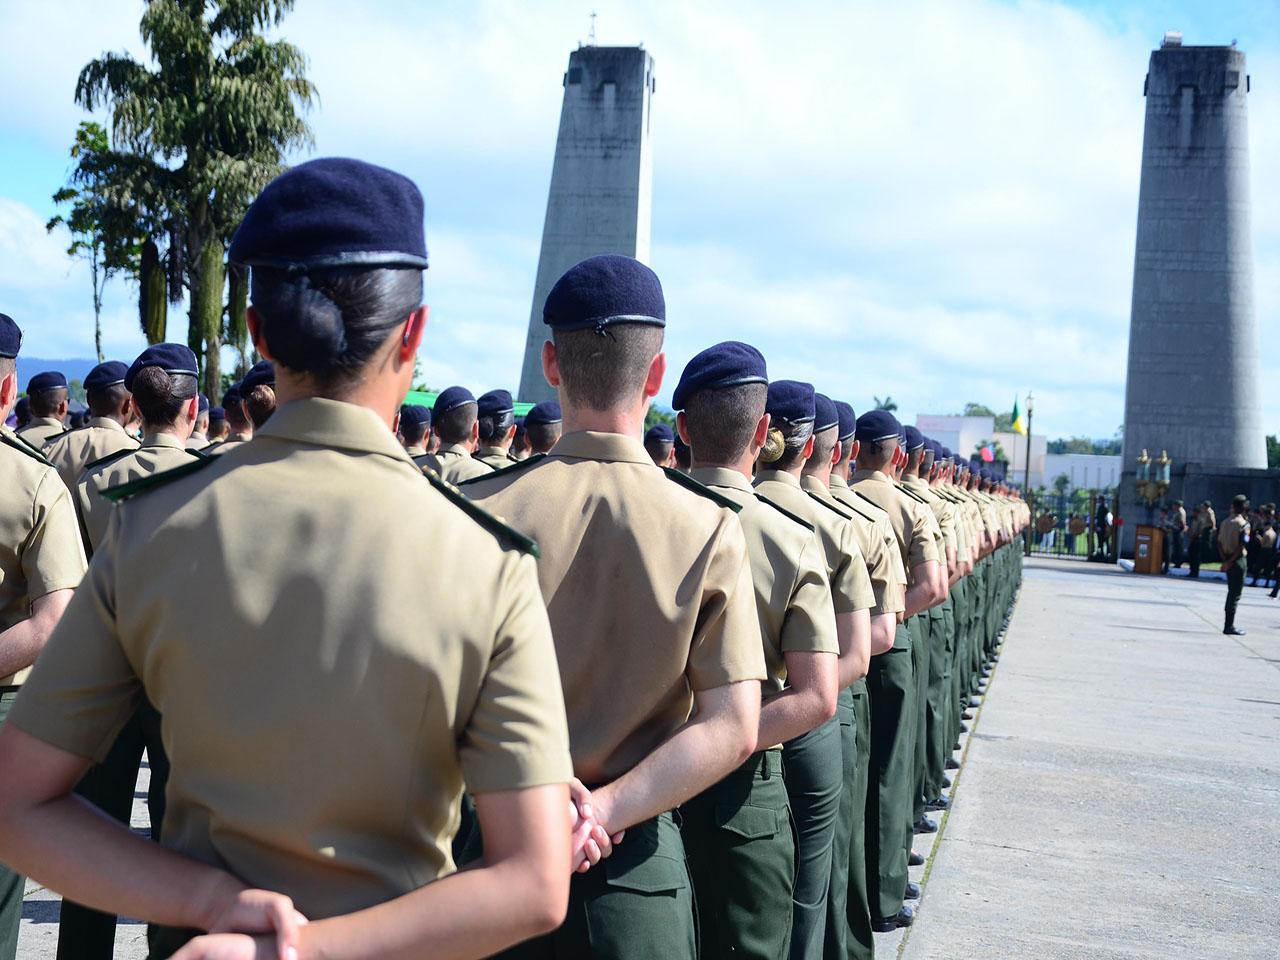 Entrada dos Novos Cadetes pelo Portão Monumental da Academia Militar das Agulhas Negras